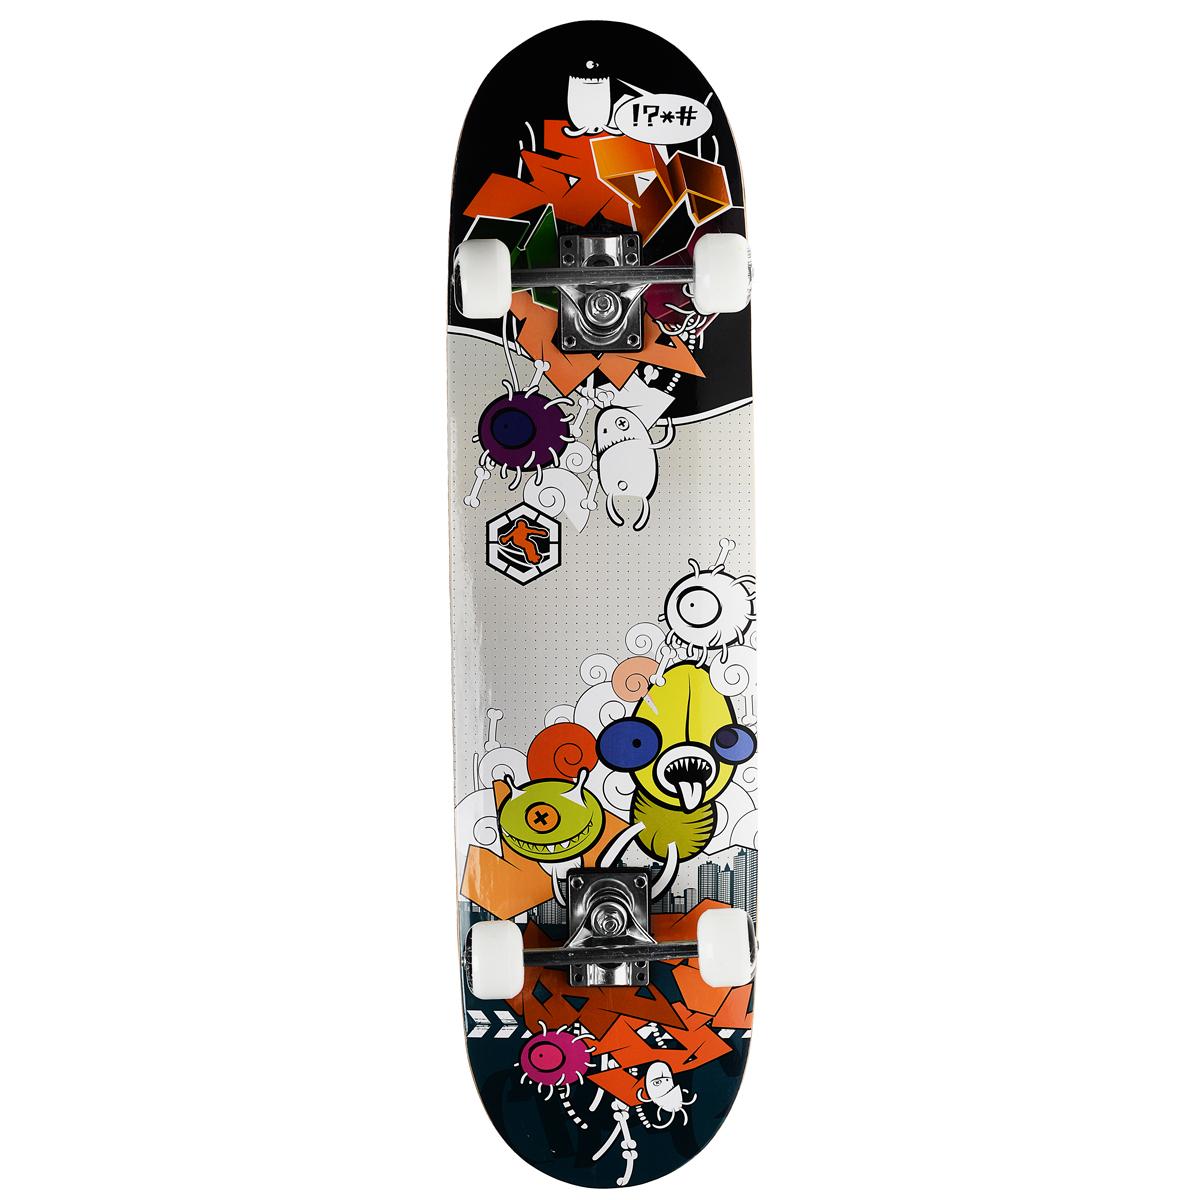 Скейтборд MaxCity Crank, цветной принт, дека 79 см х 20 смWRA523700Cкейтборды MaxCity - это самый подходящий вариант для начинающих скейтбордистов и просто любителей. Качественные материалы изготовления дадут вам полностью ощутить удовольствие от катания, а надежные комплектующие позволят выполнять несложные трюки без риска повредить доску. MaxCity - это качество по приемлемой цене.Нижняя часть деки украшена оригинальным рисунком.